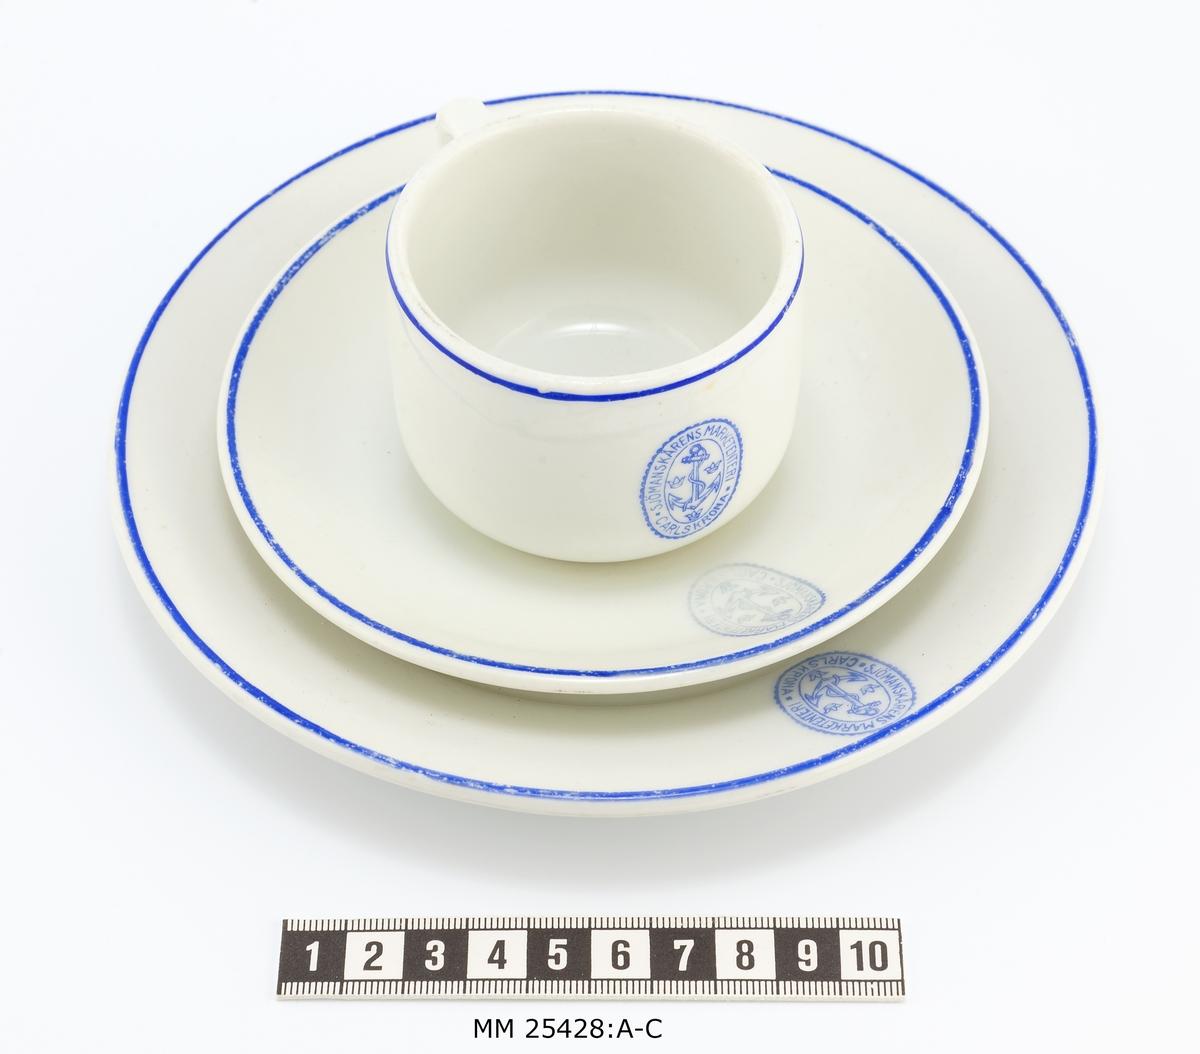 Vit kaffekopp med öra. Blå rand runt om vid koppens öppning. På motsatt sida från örat stämpel Sjömanskårens märke. I botten tillverkningsstämpel från Karlskrona porslinsfabrik.